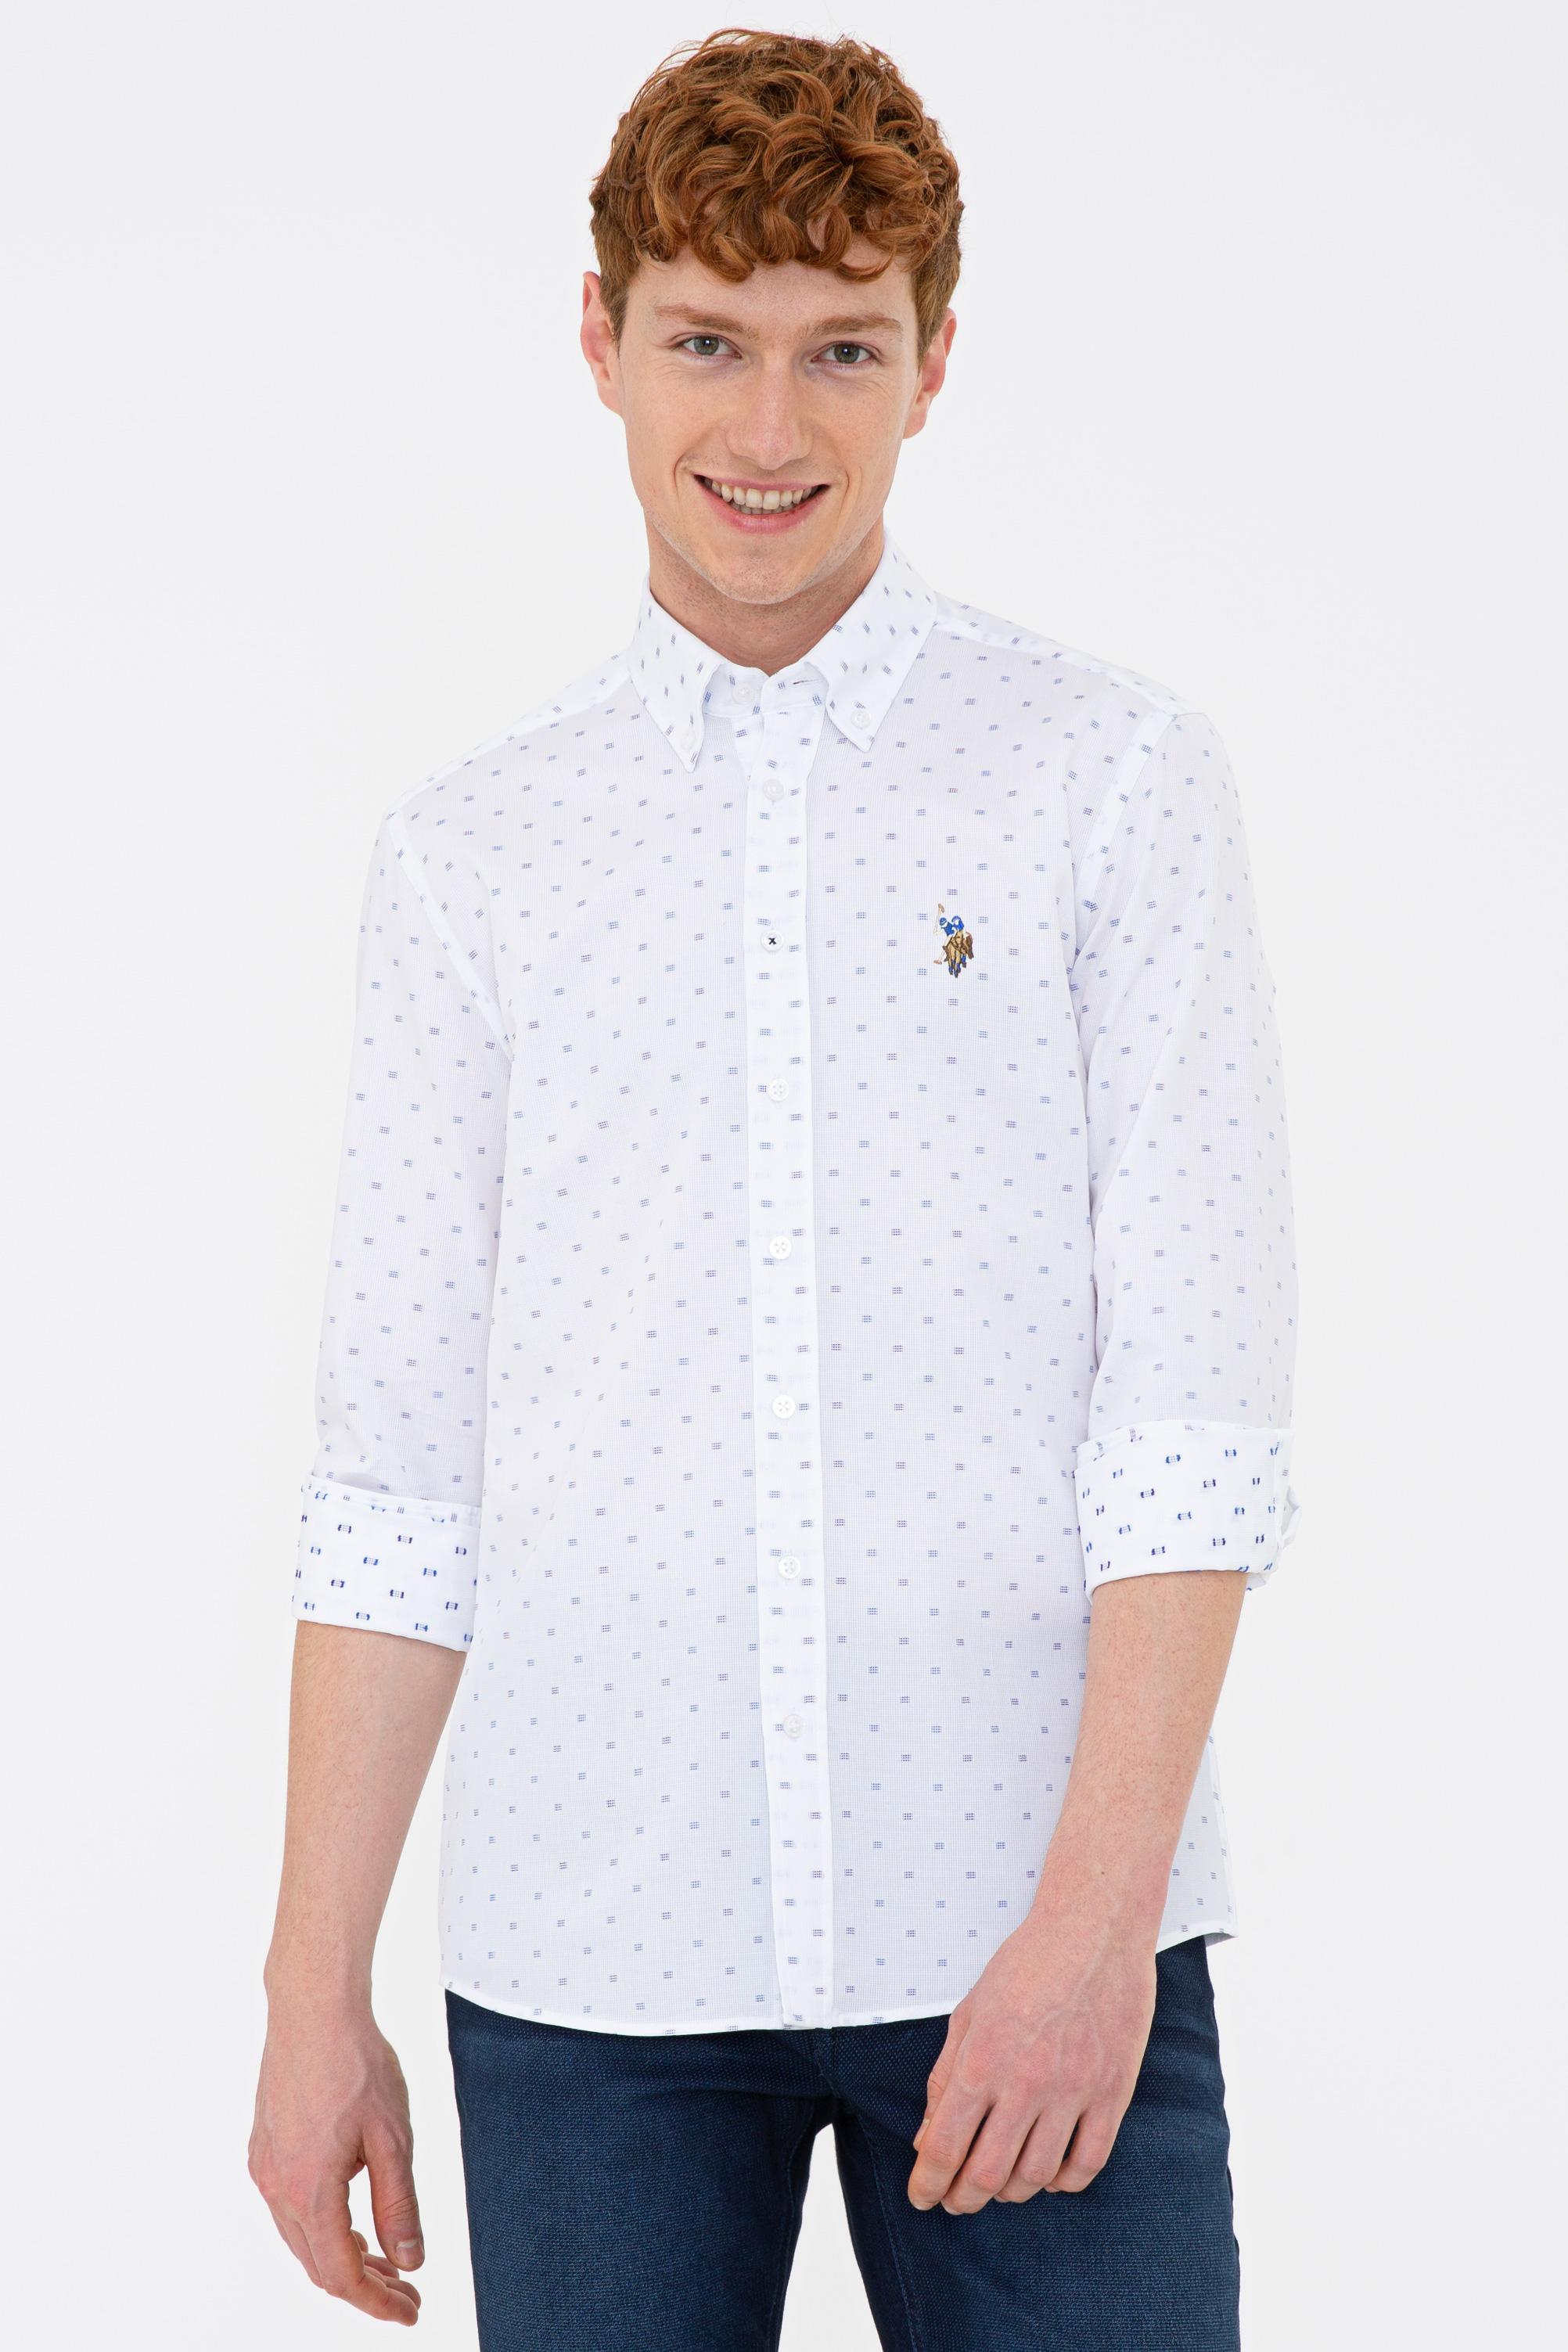 Рубашка мужская U.S. POLO Assn. G081GL0040ORTEGO белая 2XL